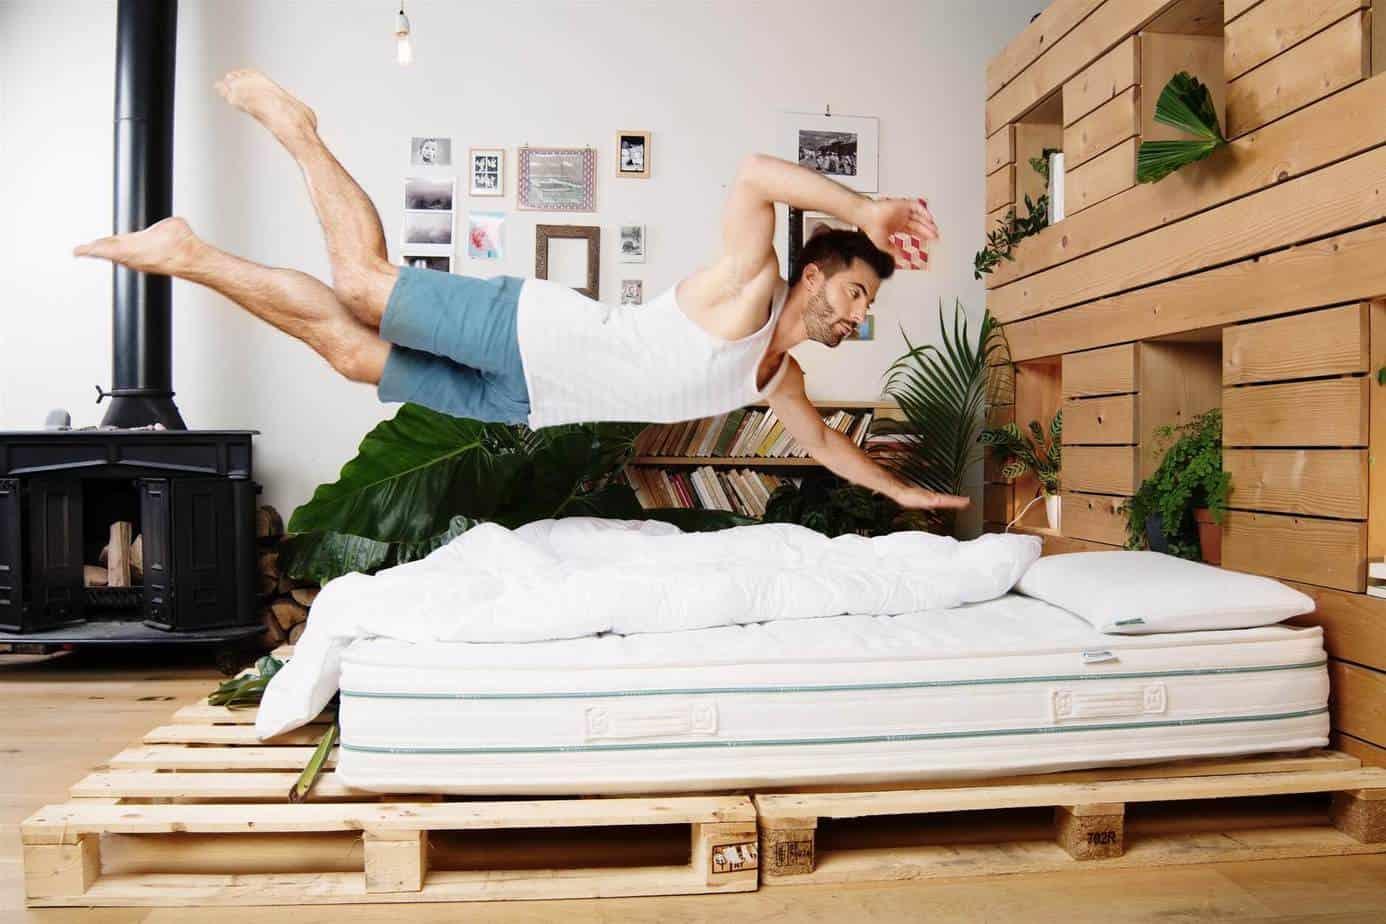 le matela et les oreillers kipli  - Kipli, la marque de literie écologique et confortable